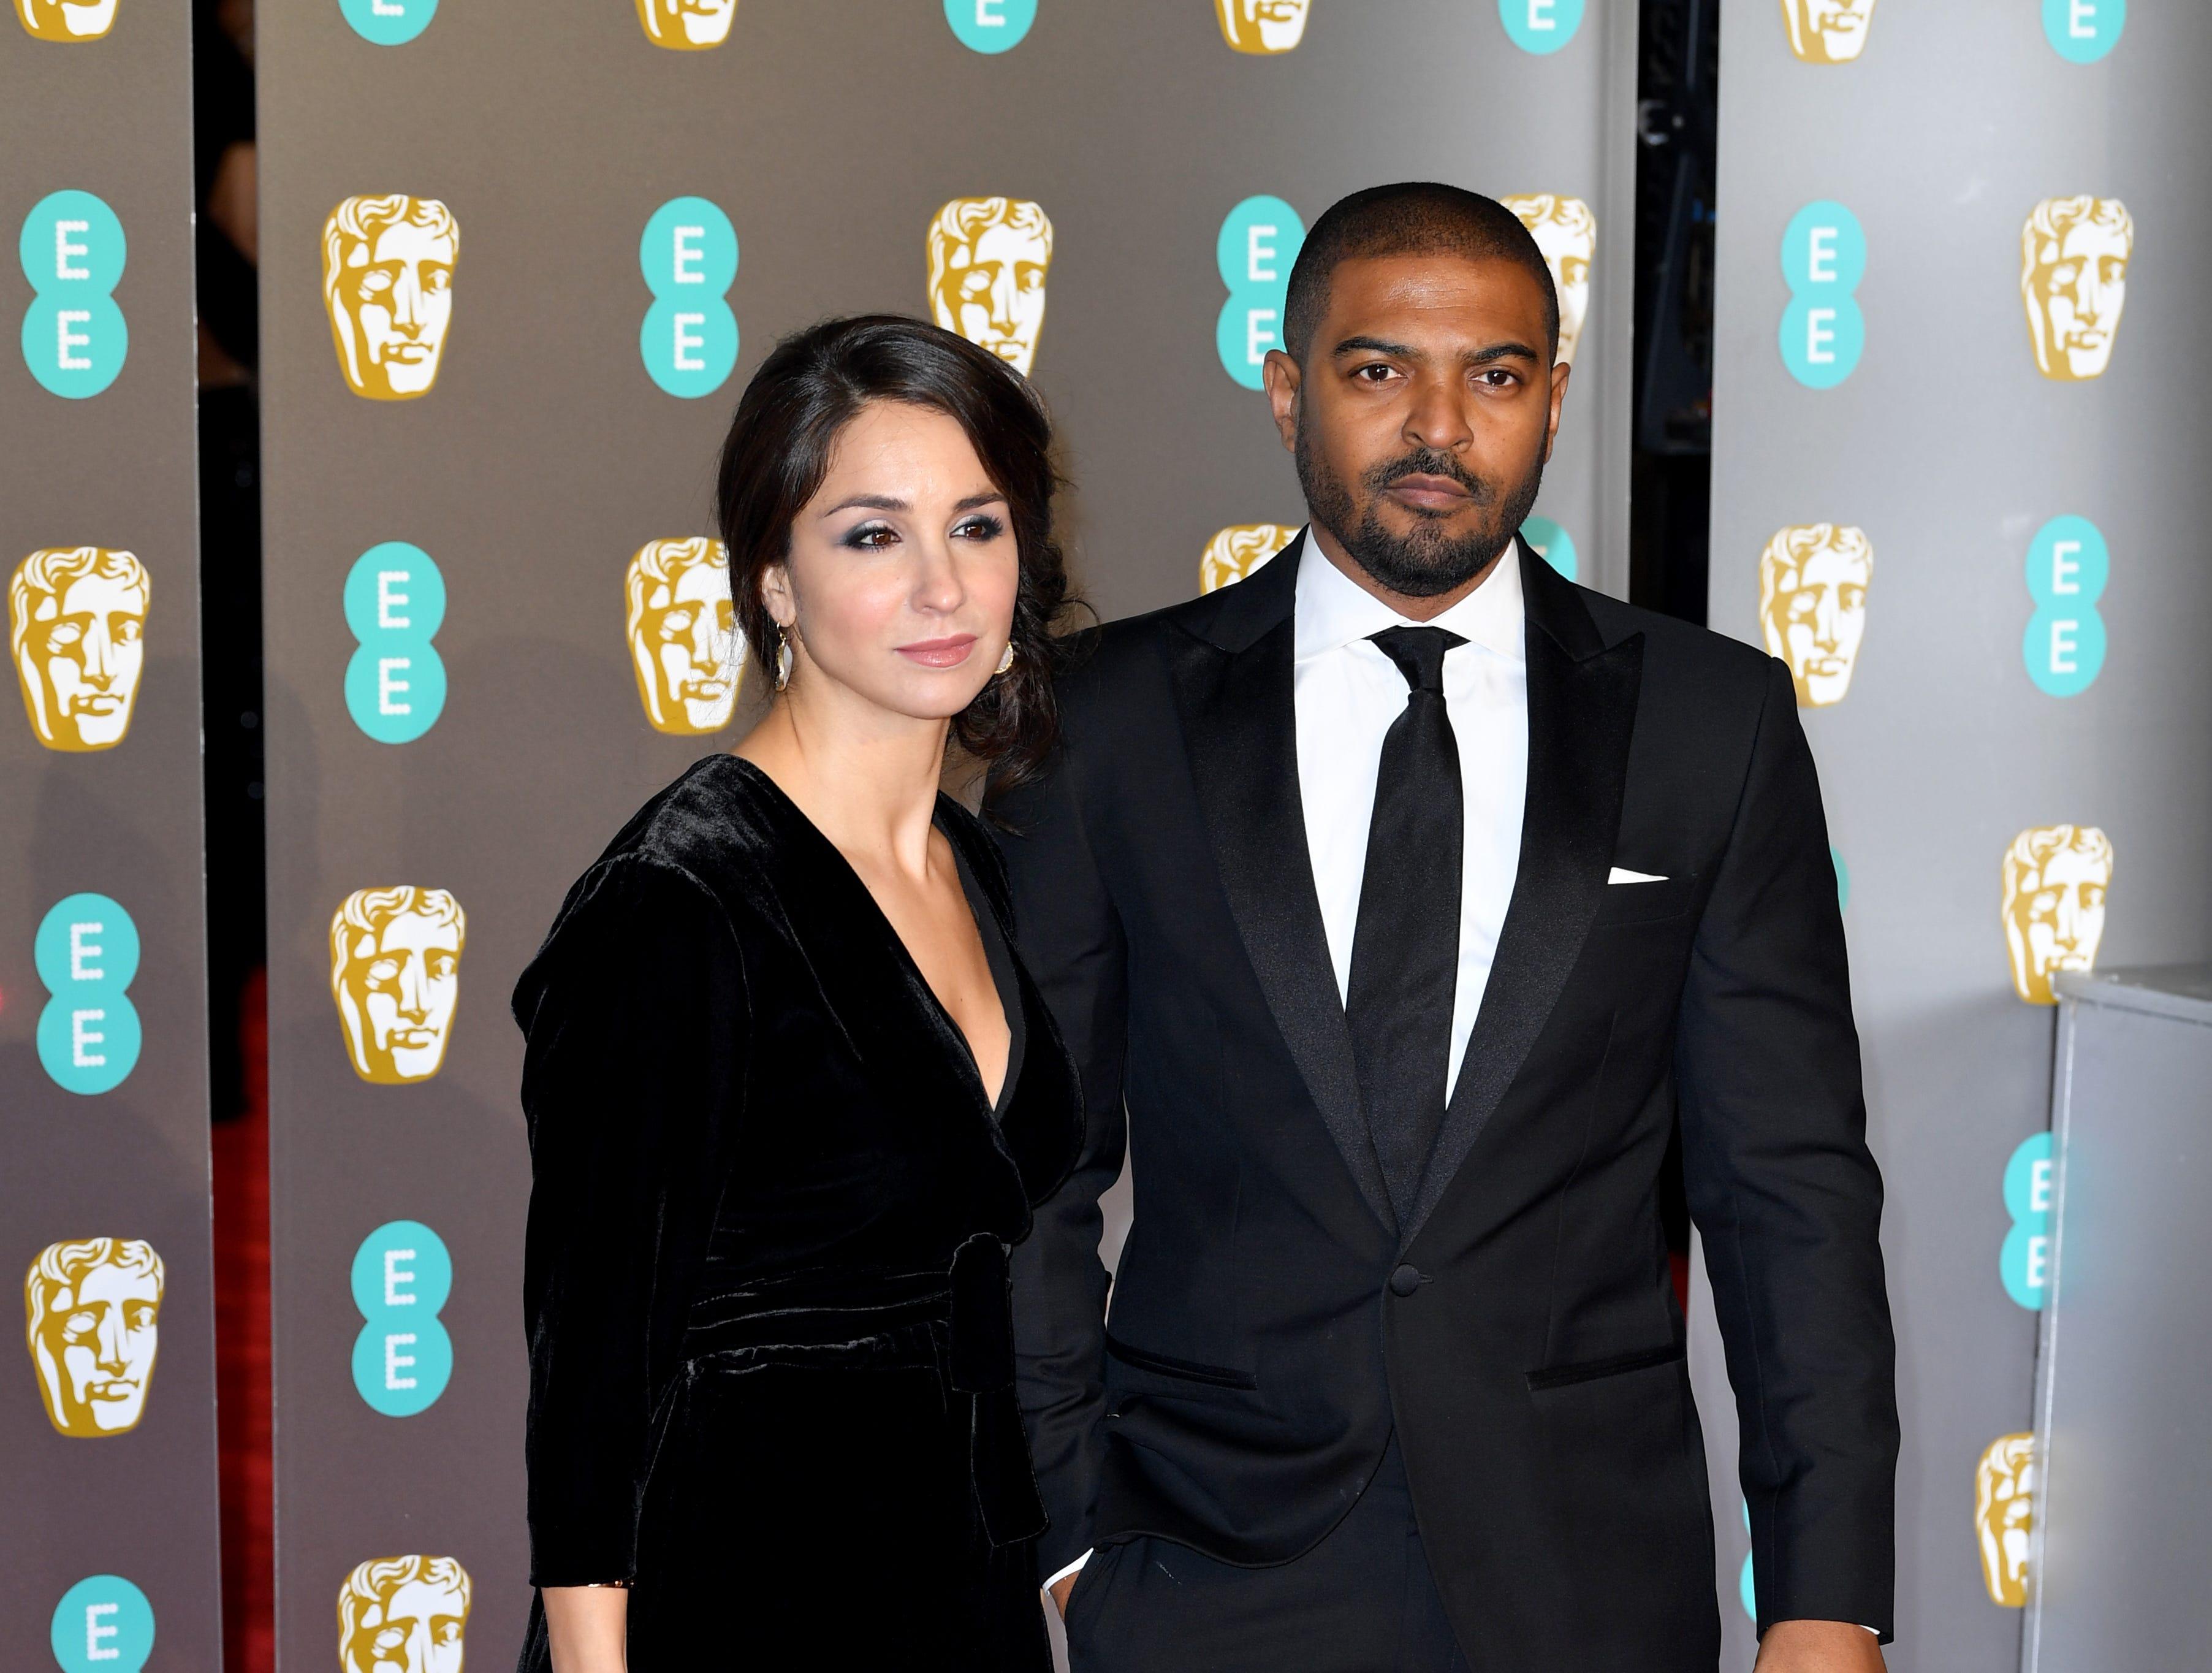 Noel Clarke (der) e Iris Clarke a su llegada a la alfombra roja de los Premios de la Academia Británica de Cine BAFTA en el Royal Albert Hall en Londres el 10 de febrero de 2019.